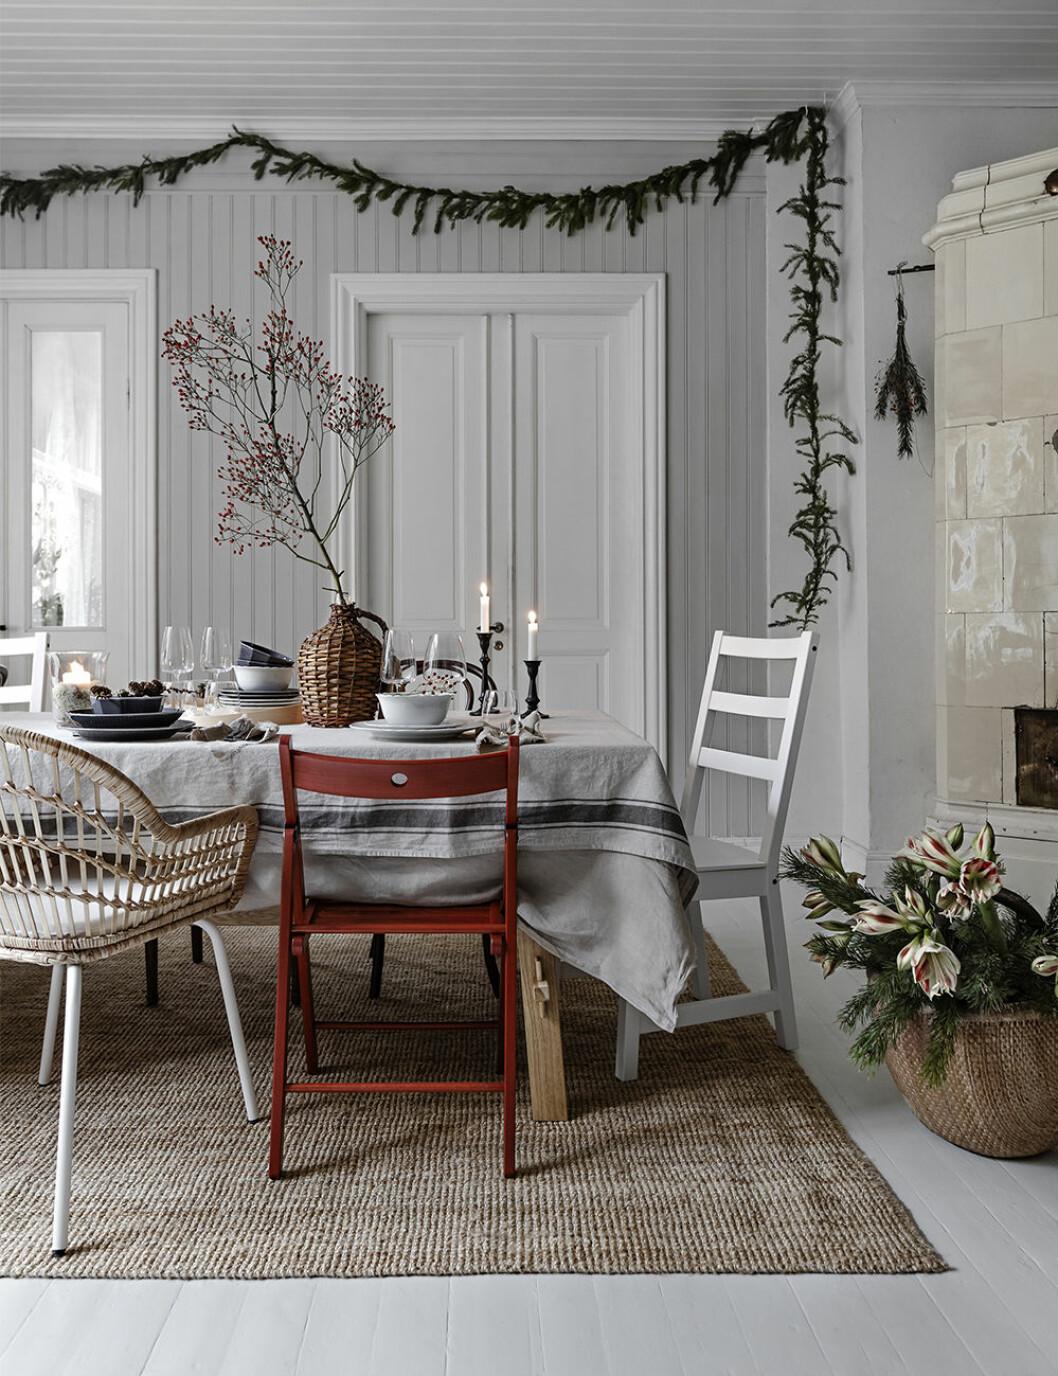 Julinredning med röd stol, girlang av granris och kvist med röda bär hos Ikea